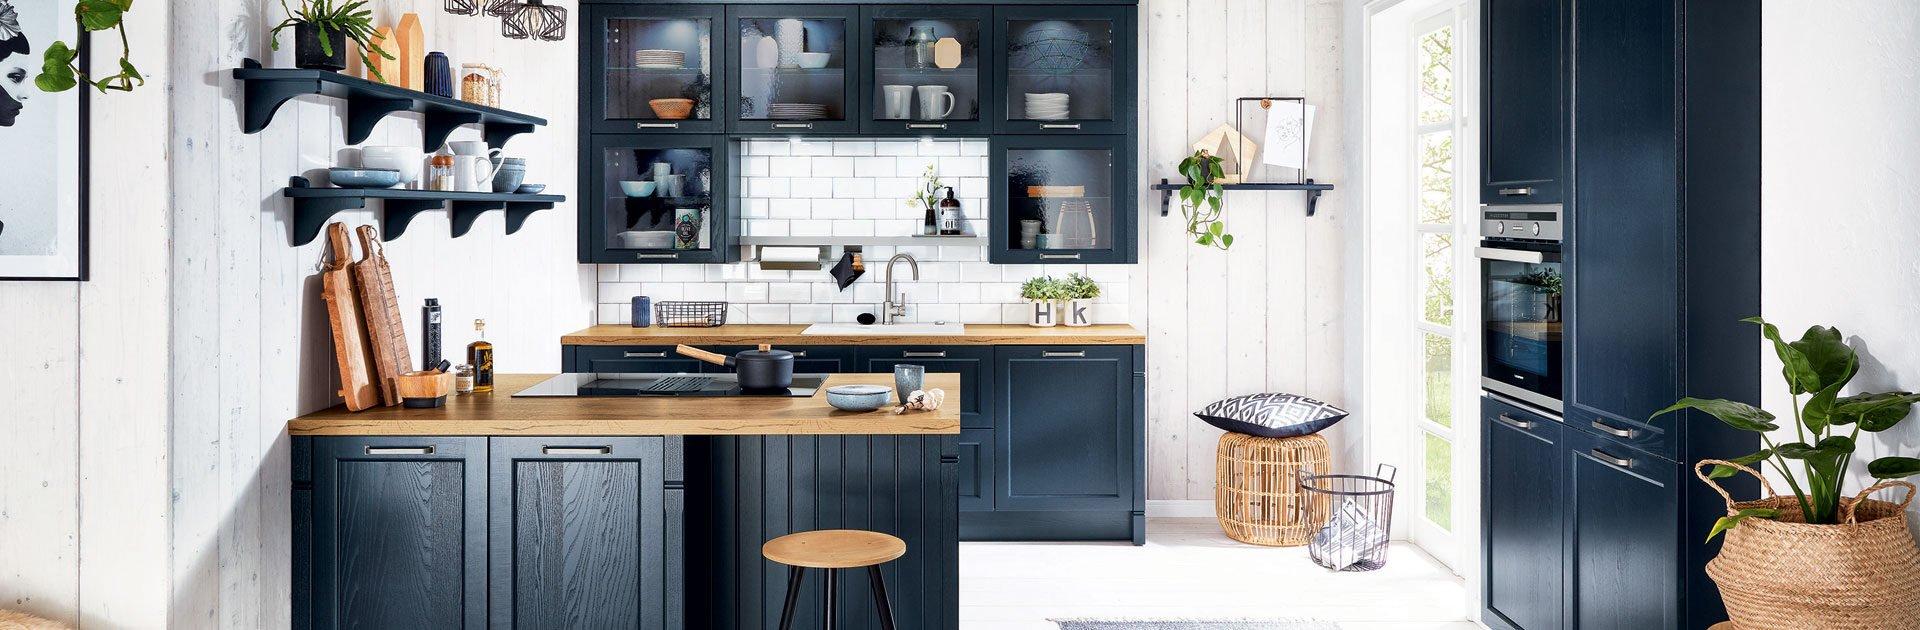 Tips voor het kiezen van de juiste keukenindeling   Satink Keukens